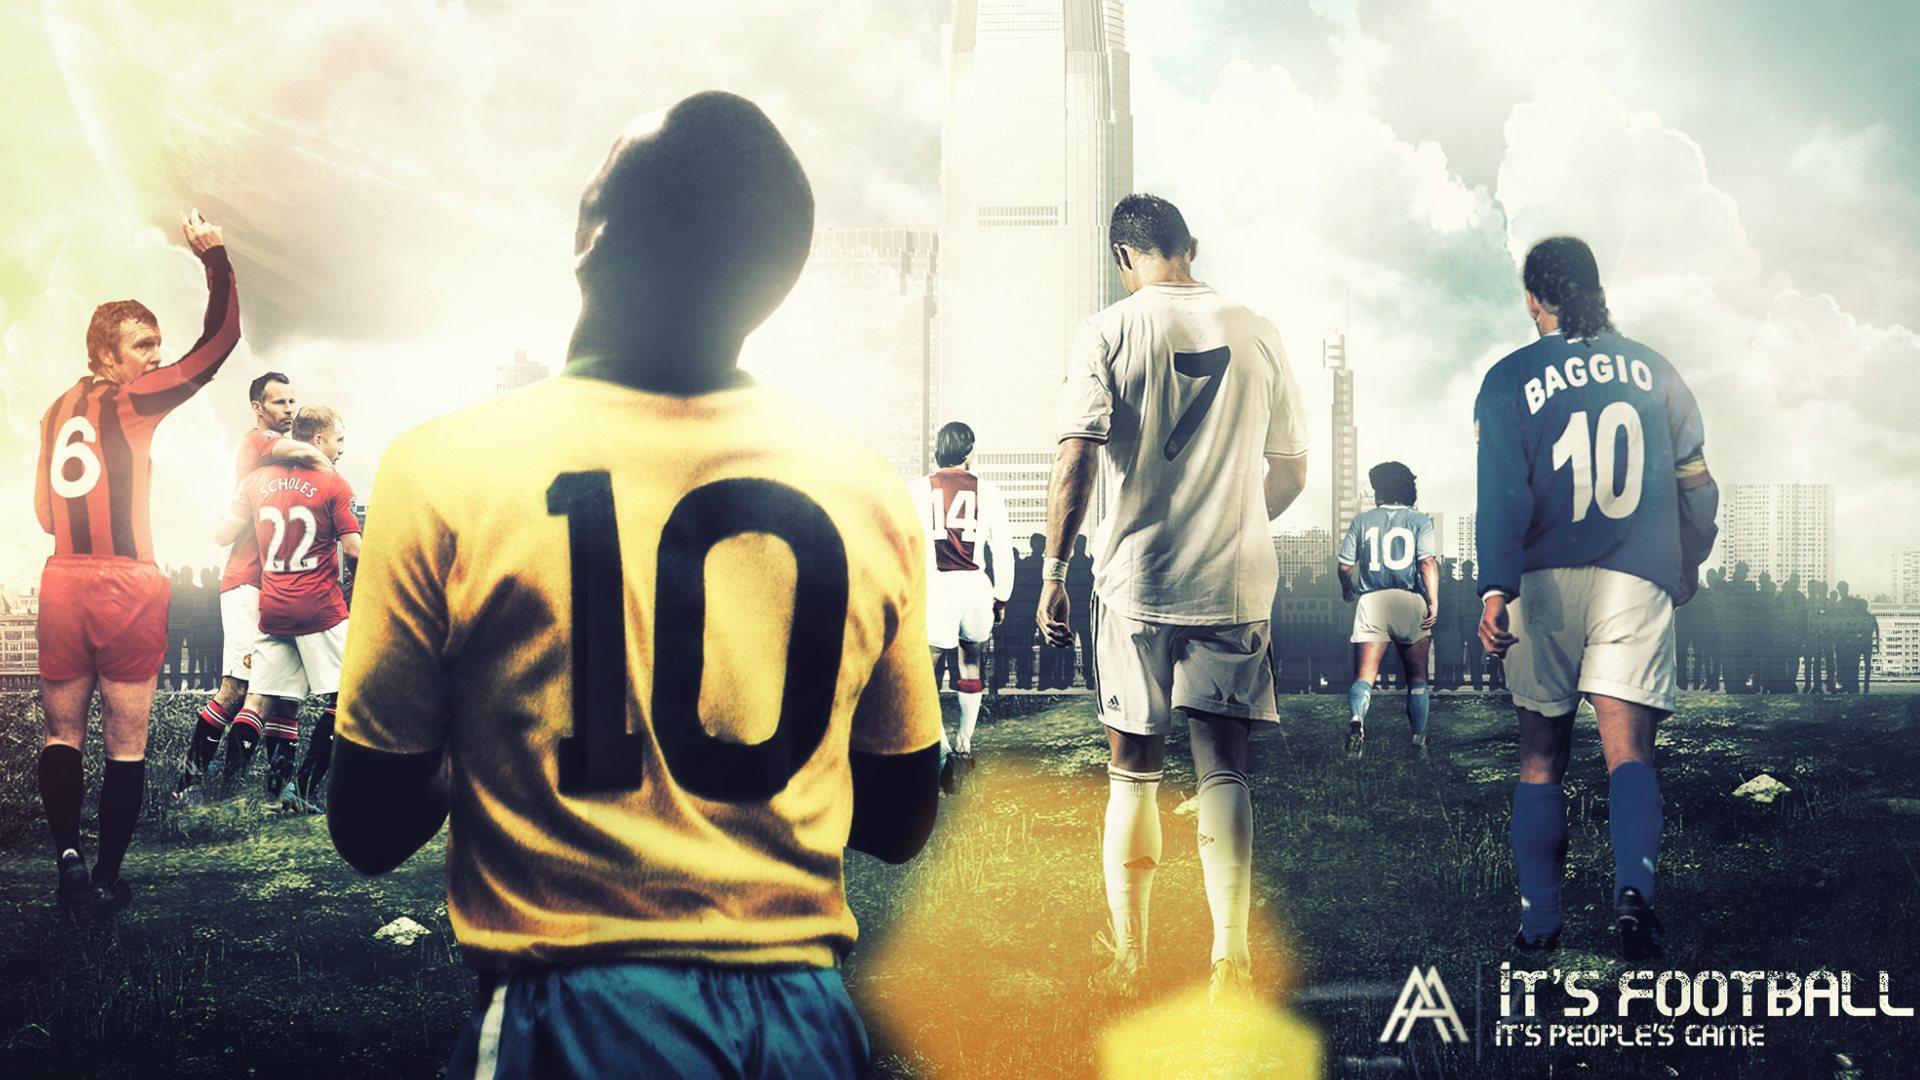 Pele soccer sports wallpaper 1920x1080 1188973 - Pele wallpaper ...